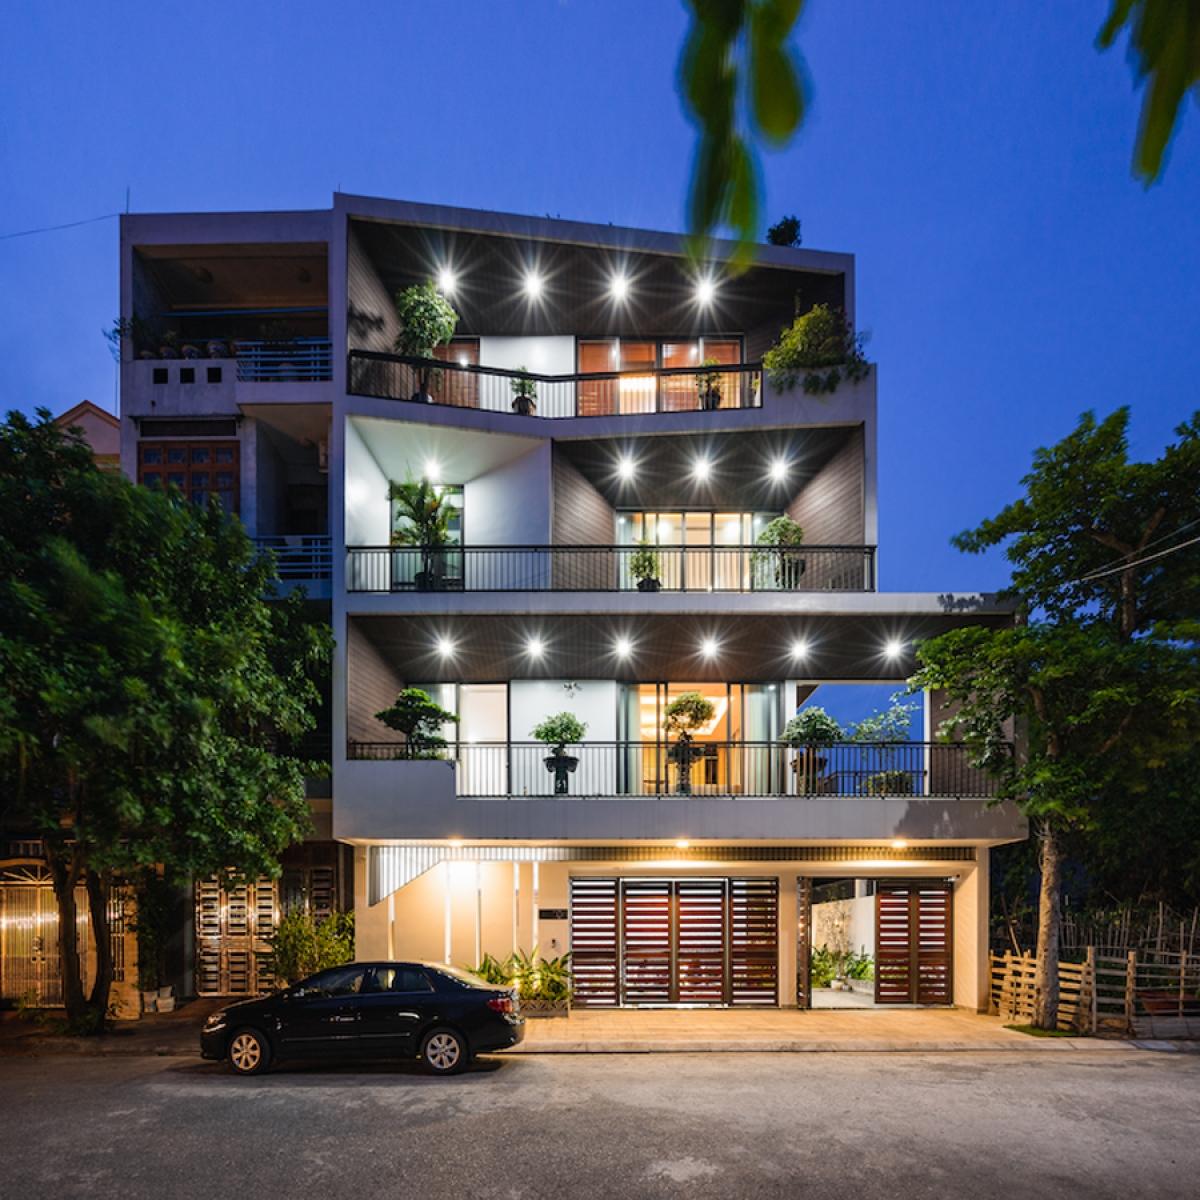 """Hình ảnh ngôi nhà sáng đèn khi tối trời. Những """"chiếc phễu"""" có màu sắc và hình dáng, kích thước khác nhau tạo nên sự sống động và linh hoạt cho công trình./."""